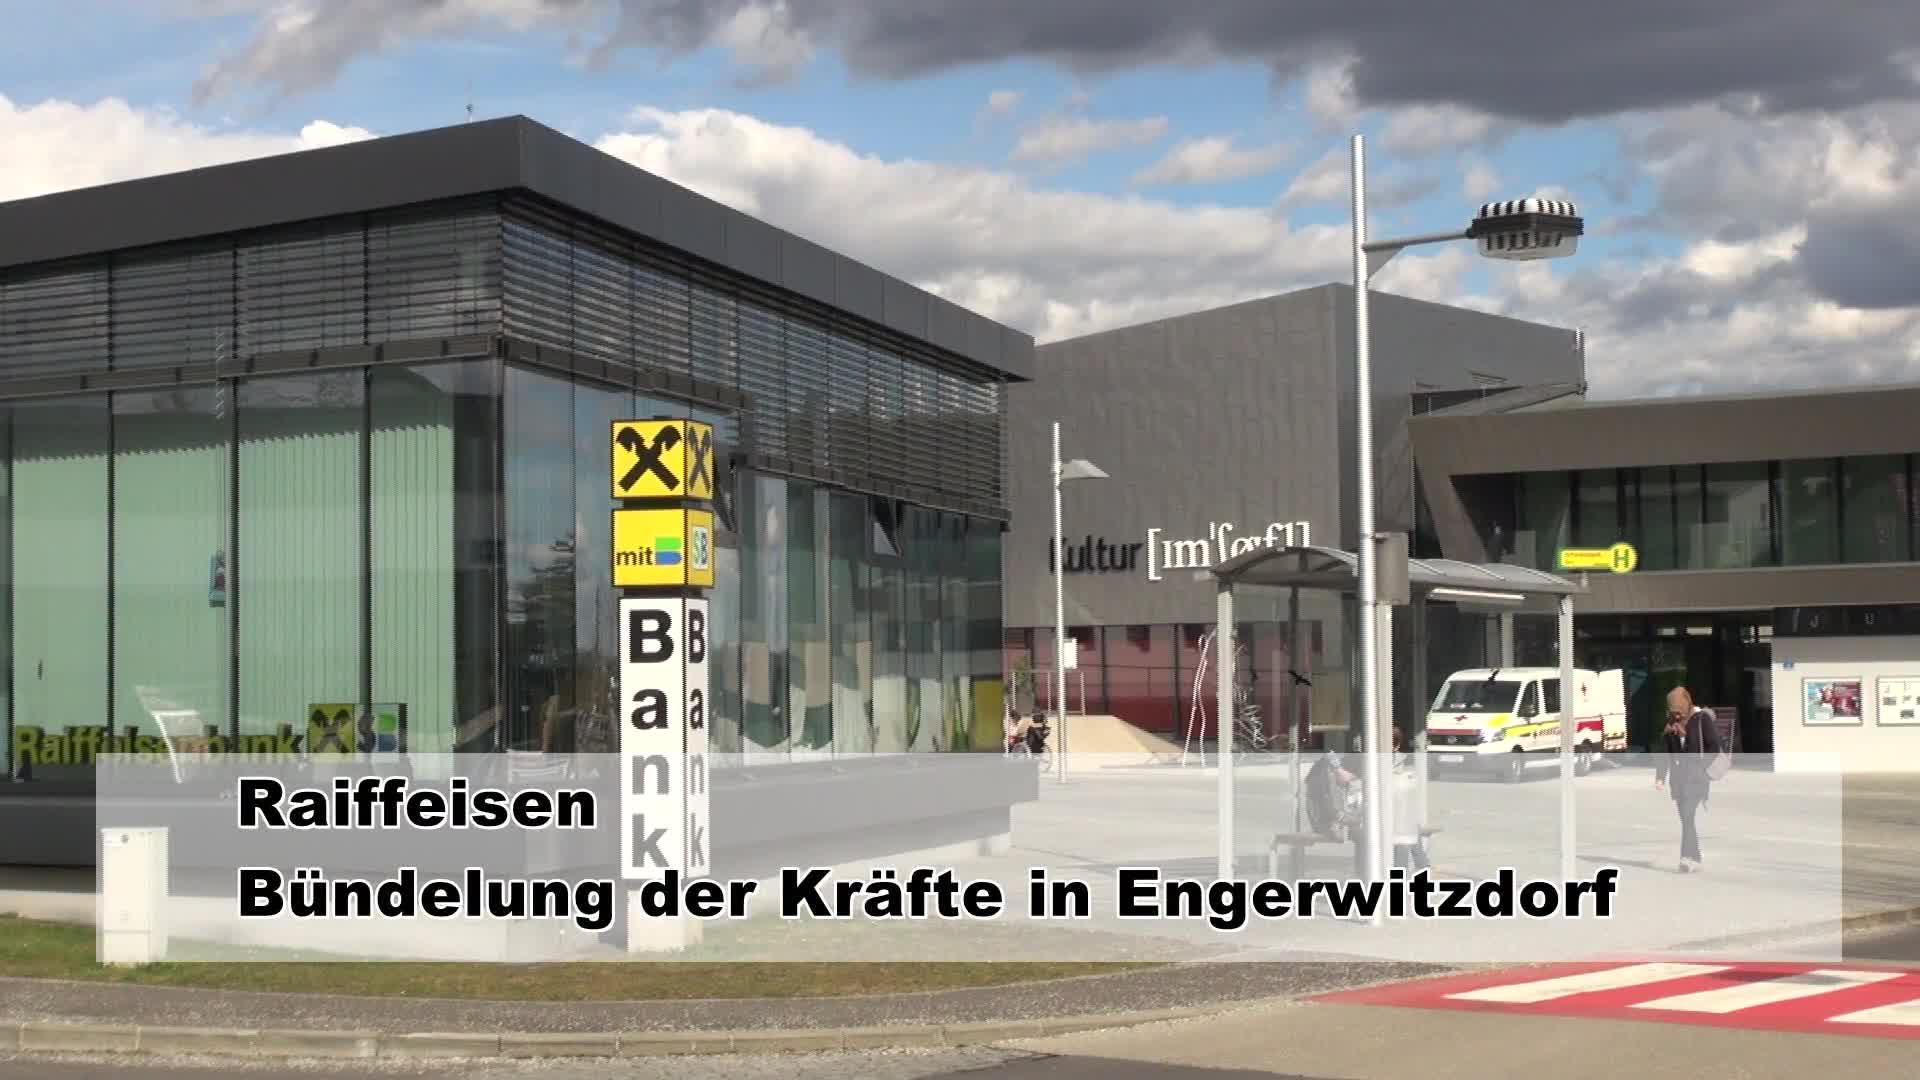 Raiffeisen - Bündelung der Kräfte in Engerwitzdorf